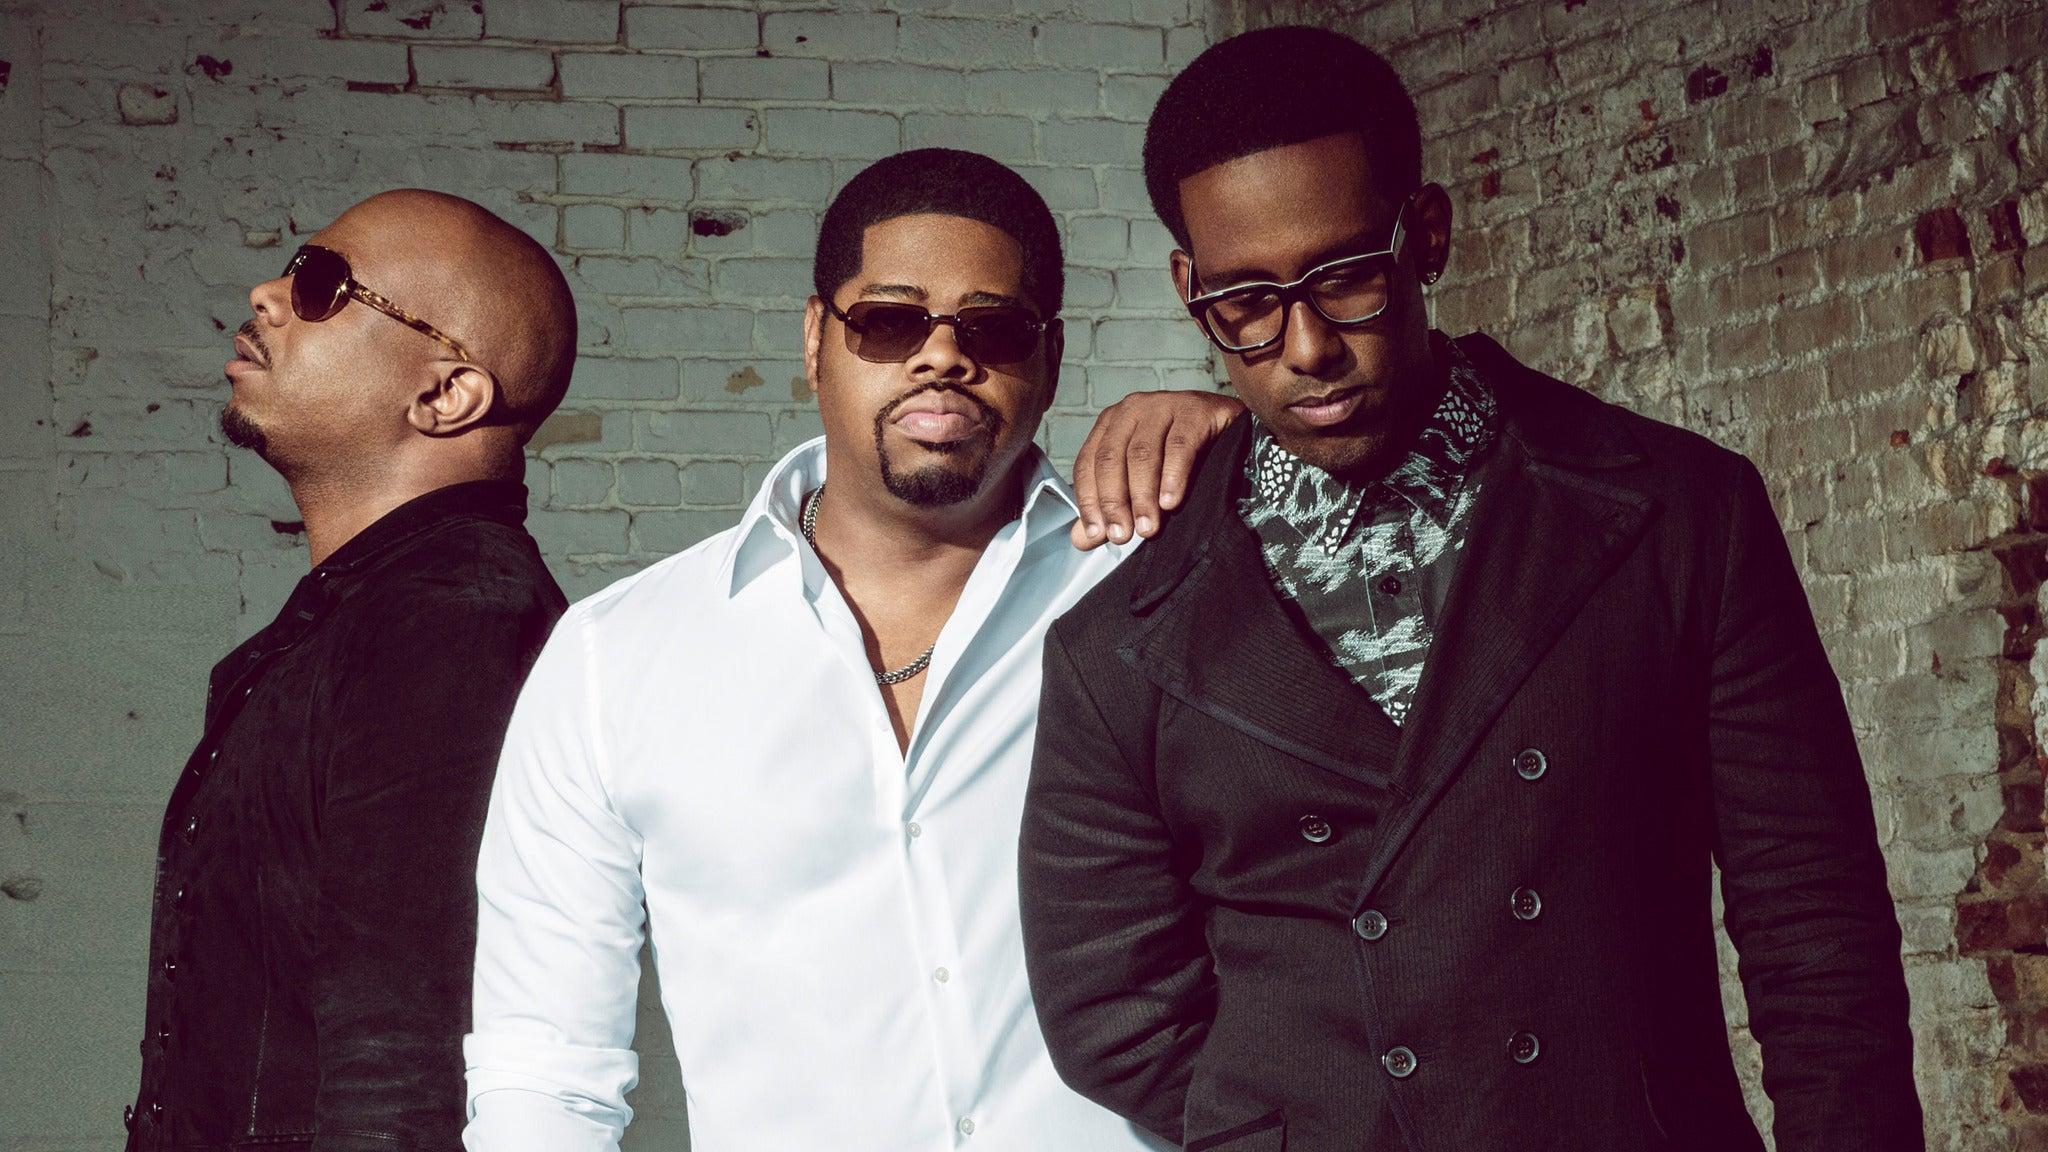 Boyz II Men presale password for early tickets in Greensboro